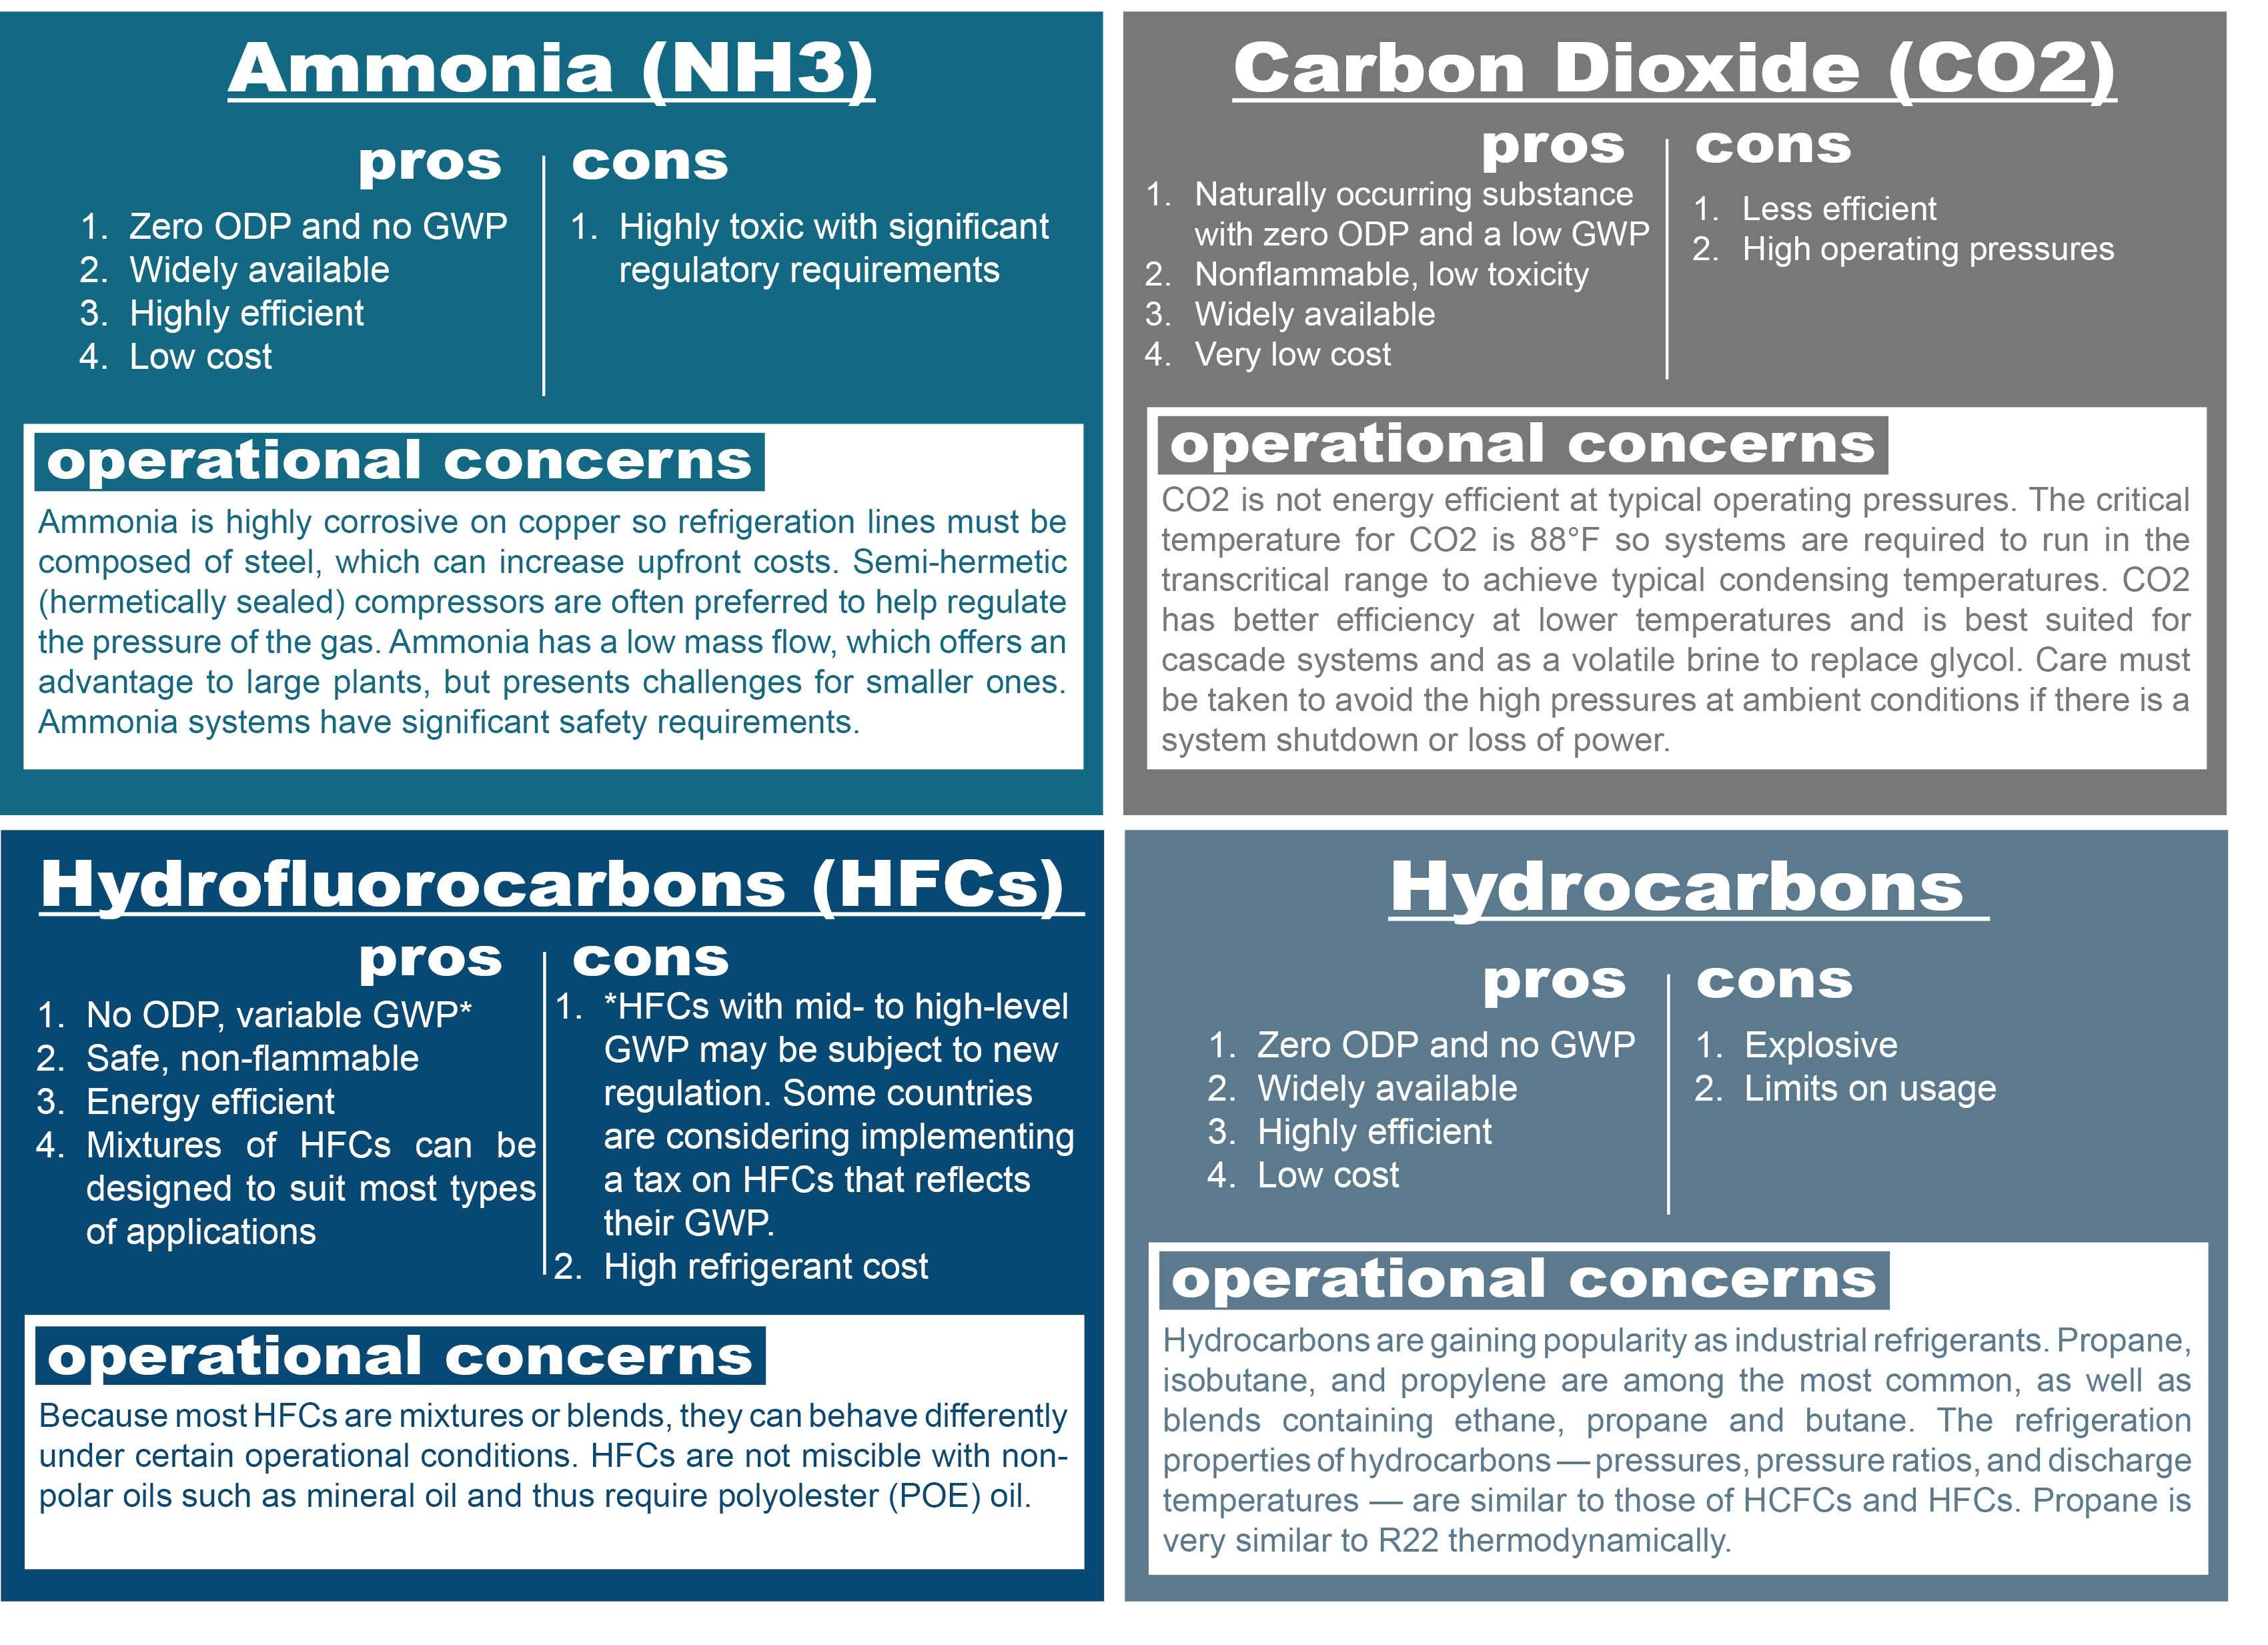 Common cons